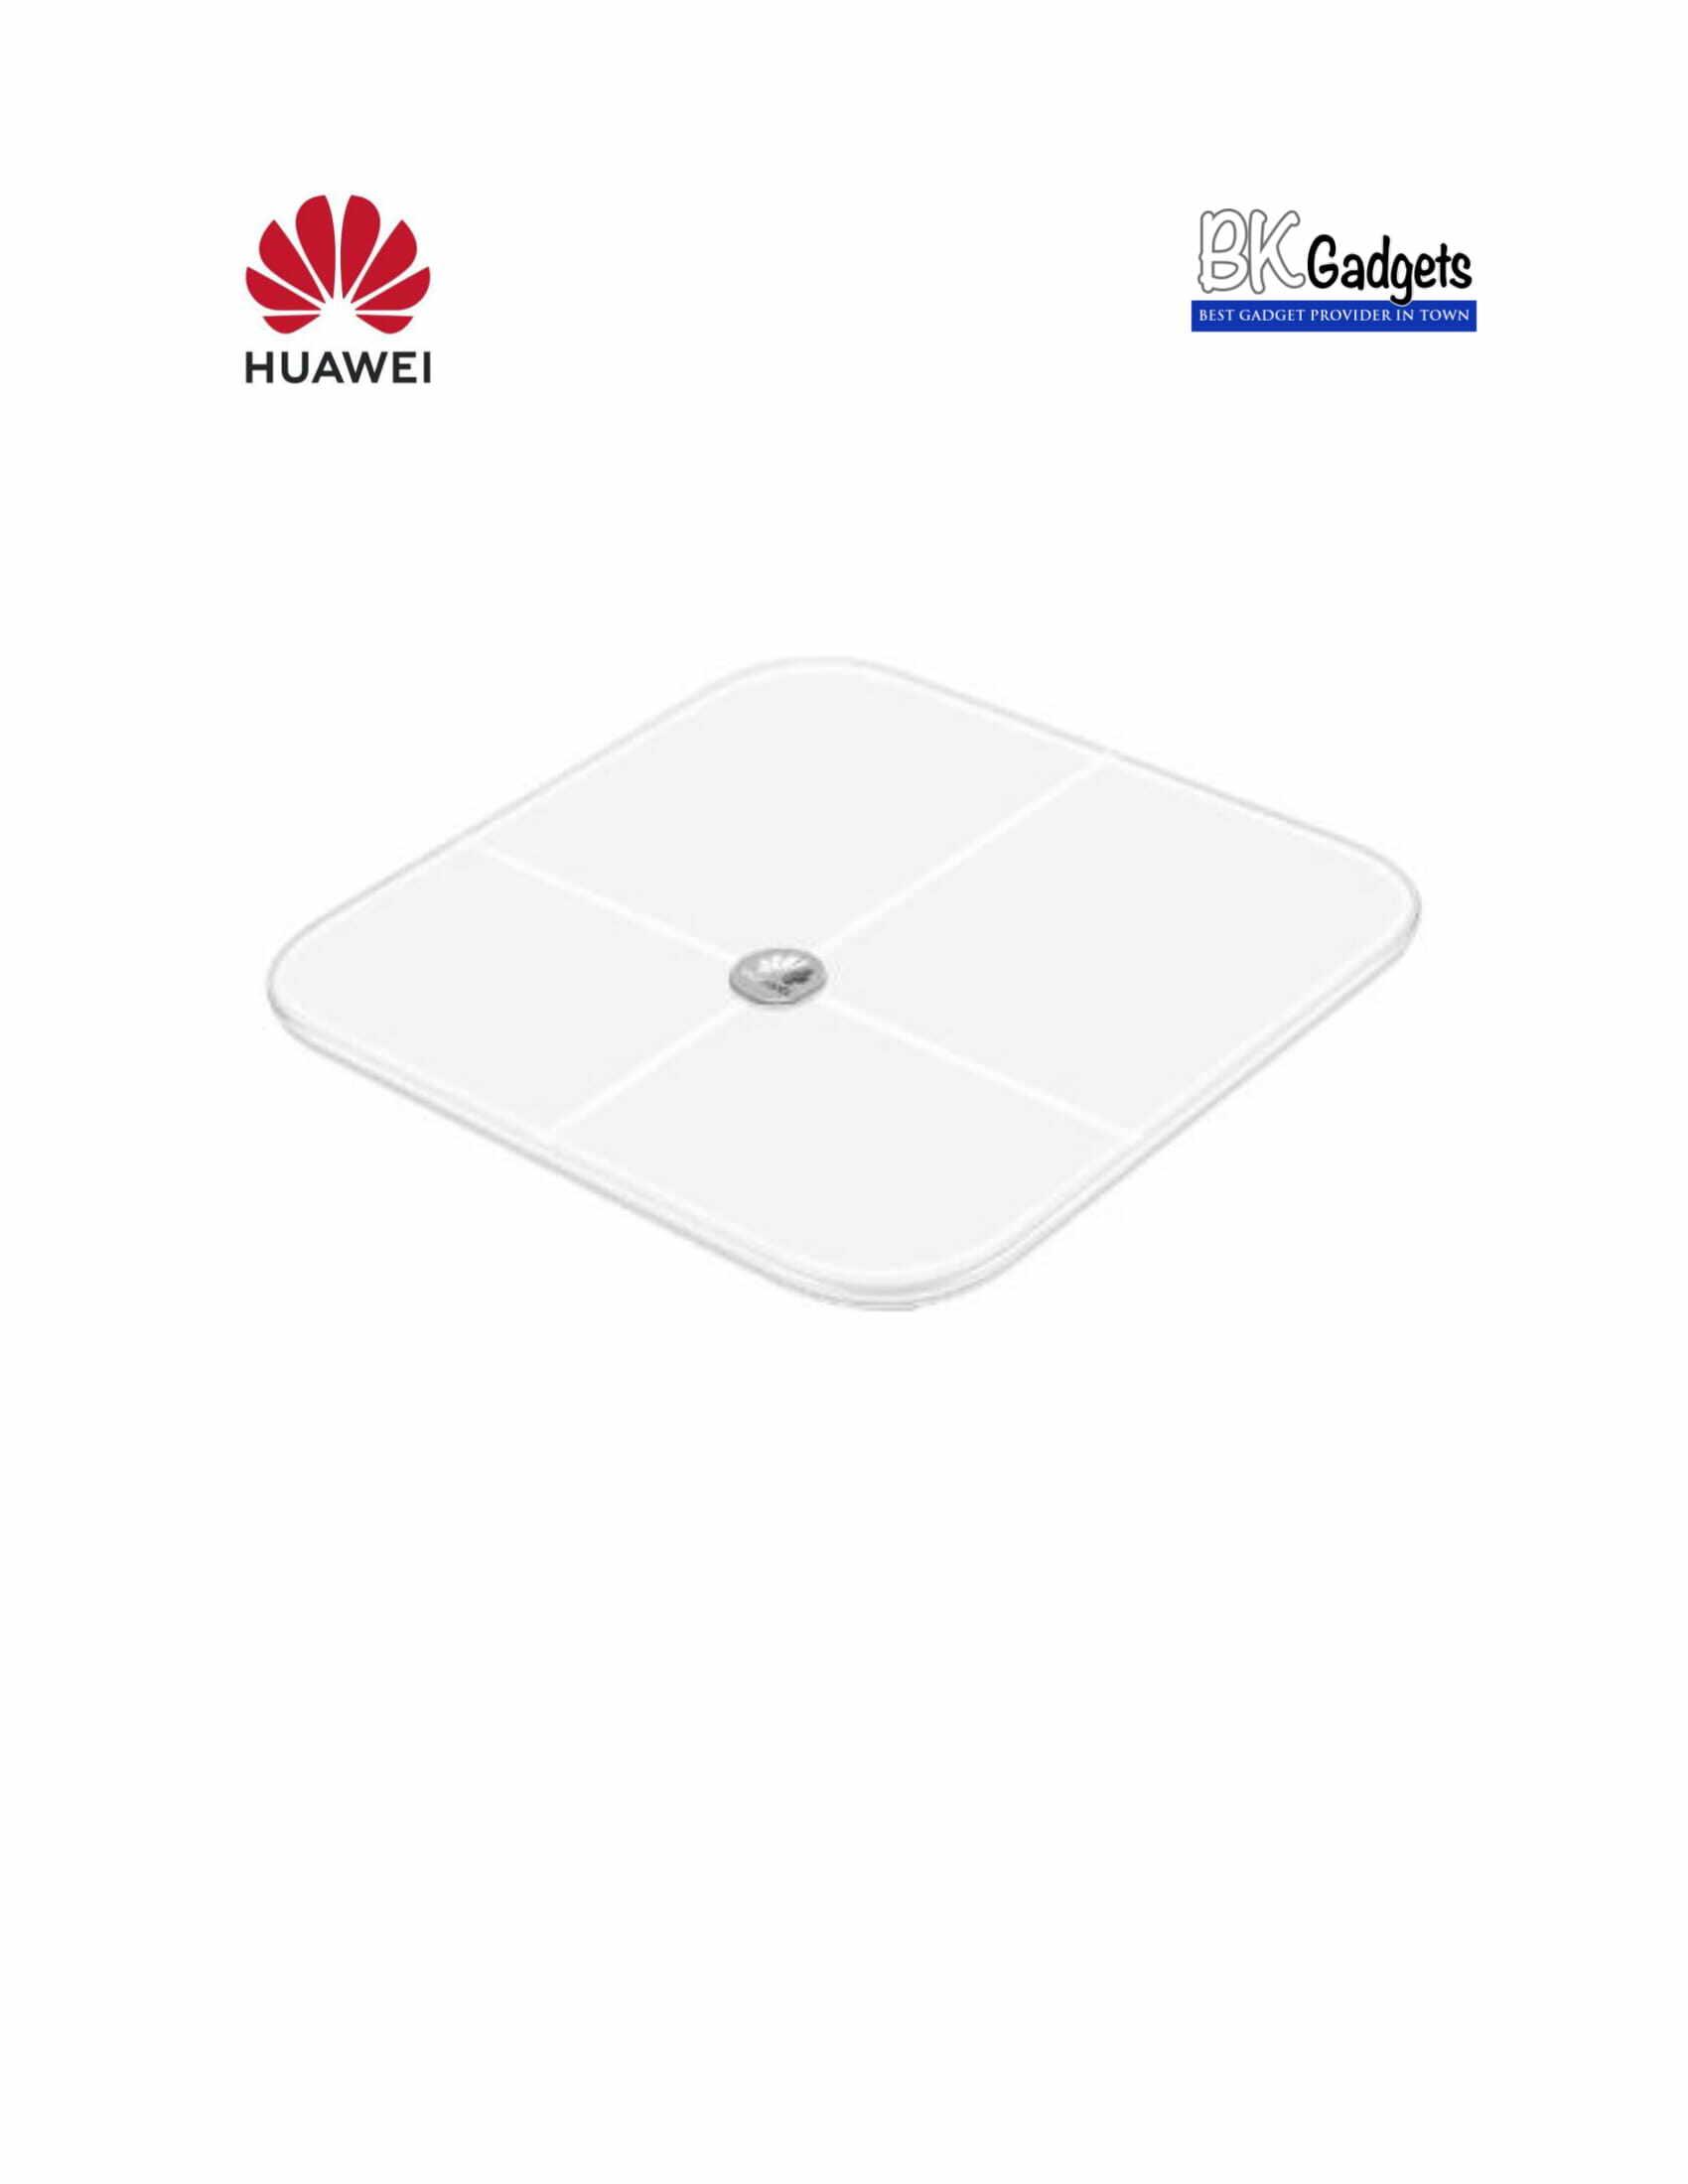 HUAWEI Body Fat Scale AH100 [ White ]